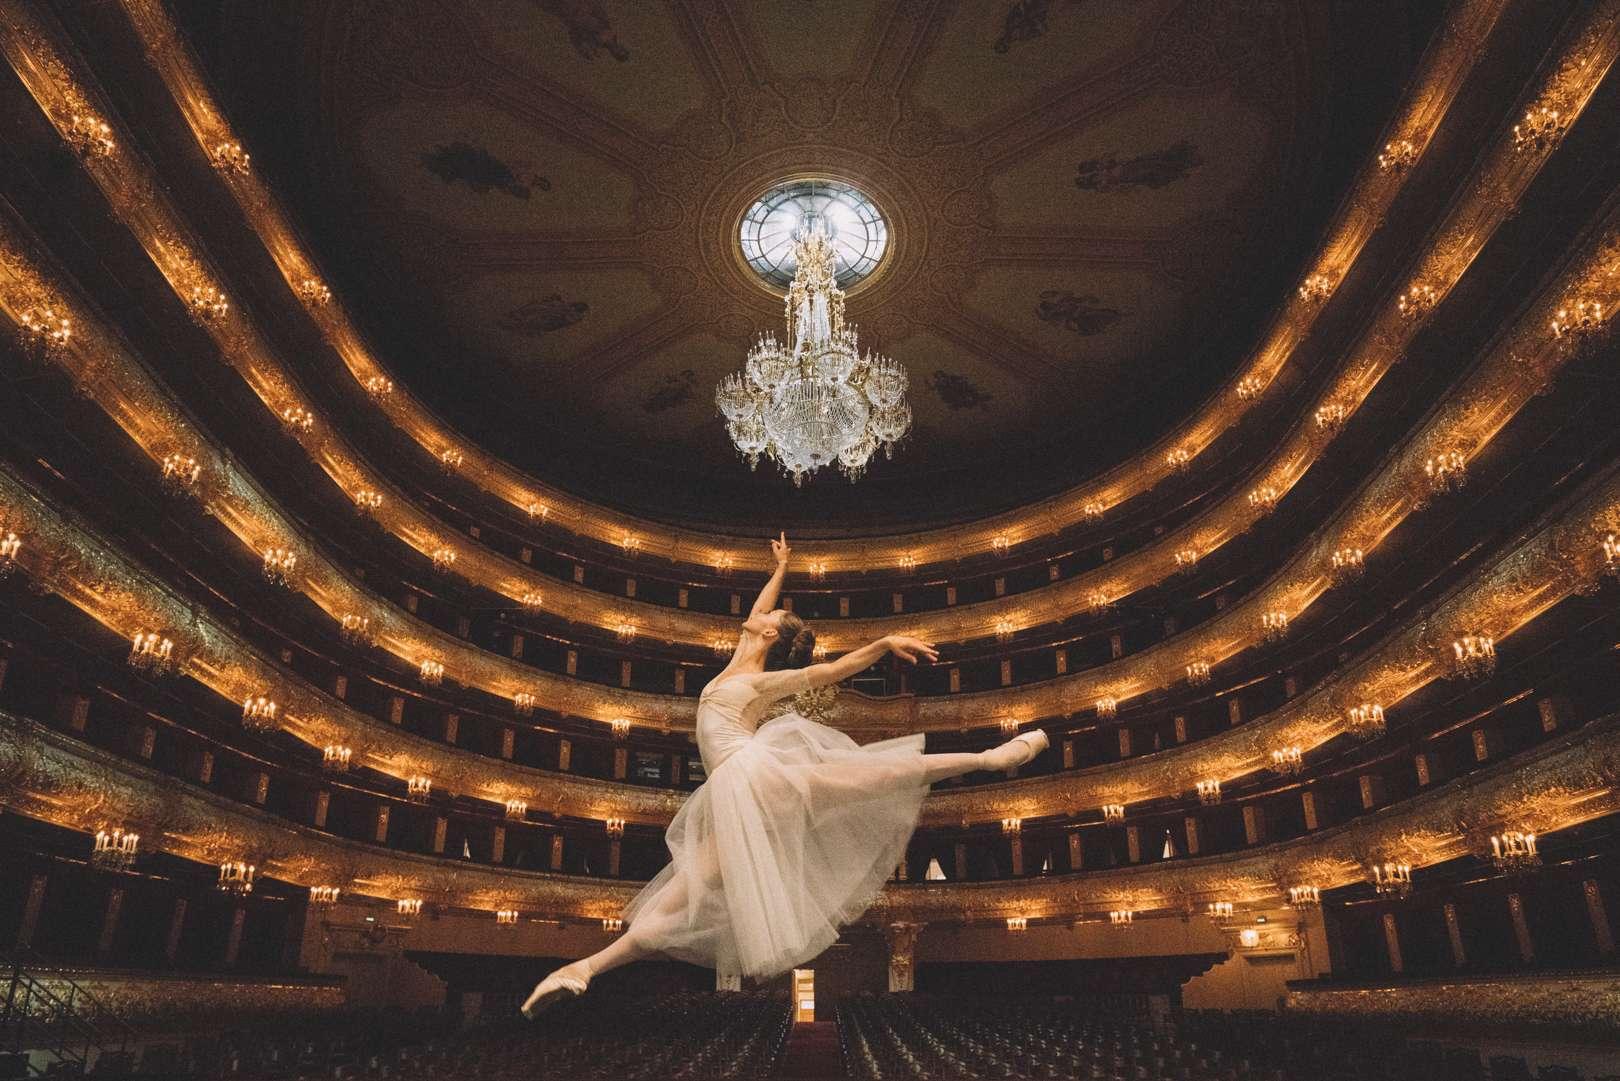 Достопримечательности Москвы: Большой театр